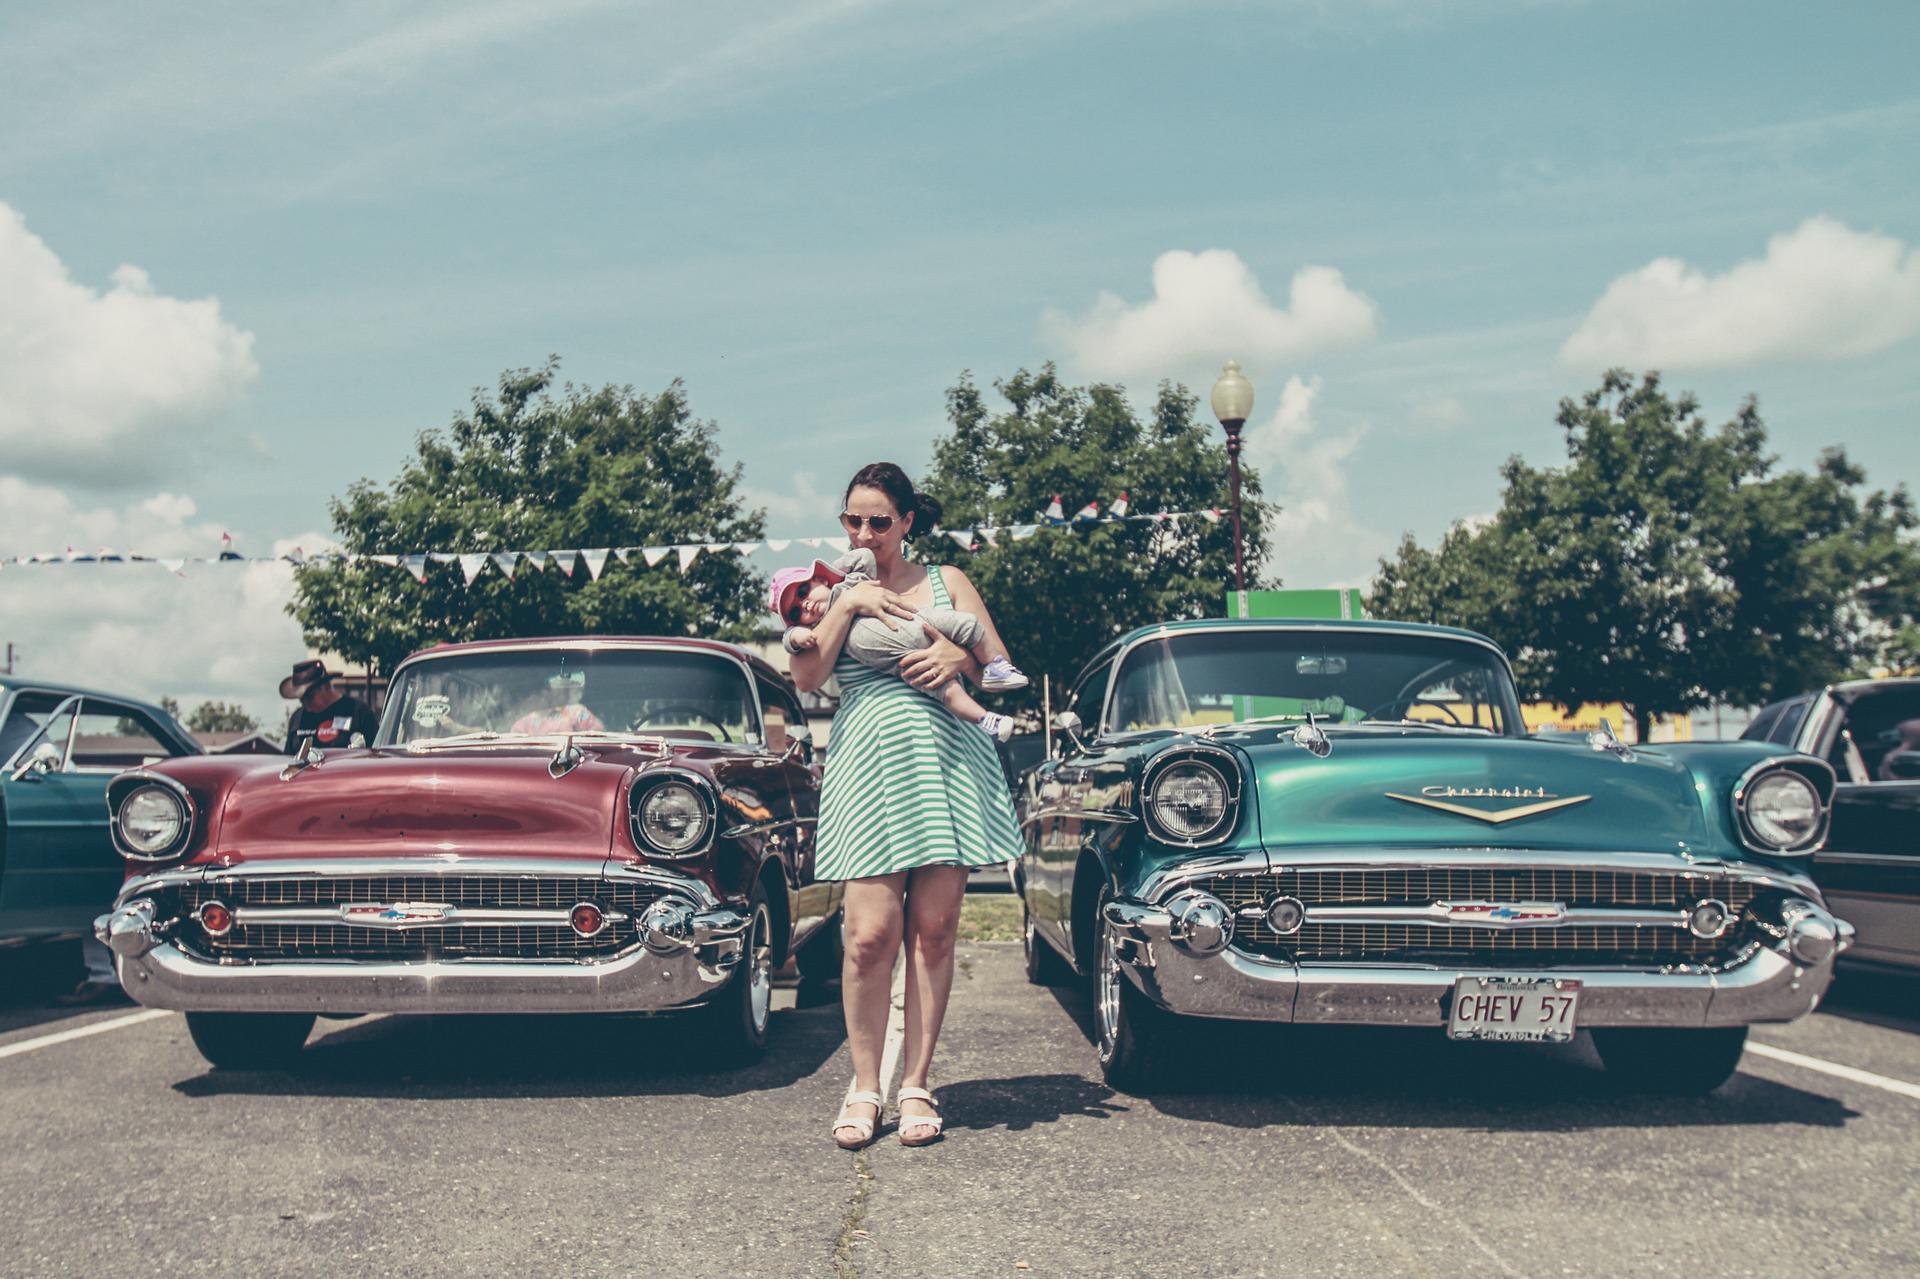 Les festivals et foires de voitures anciennes